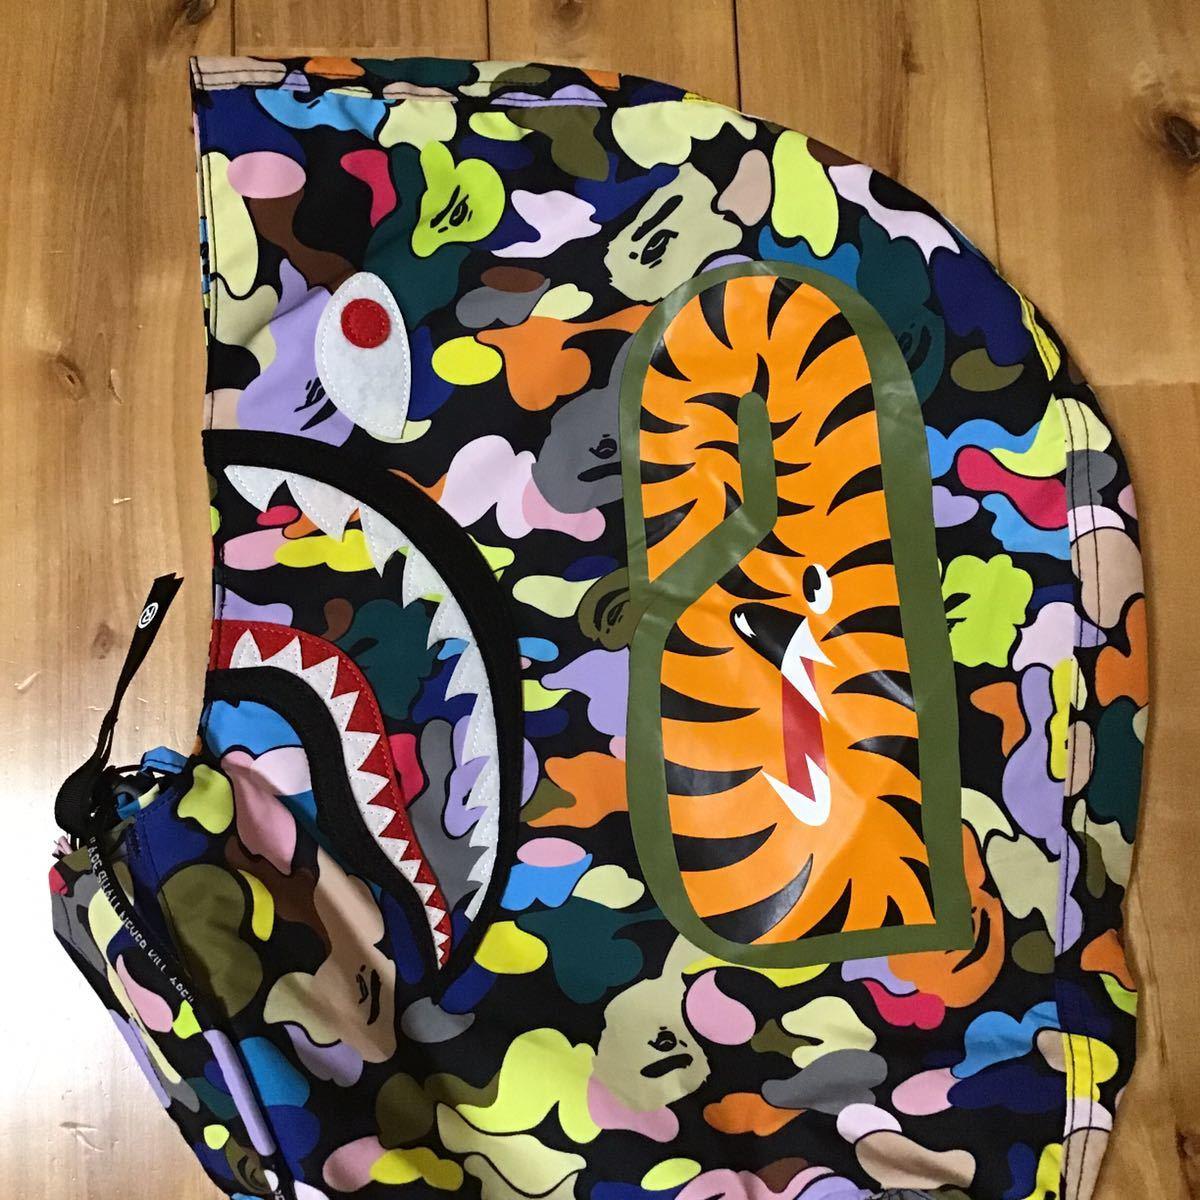 ★新品★ 2XL マルチカモ シャーク スノボ ジャケット a bathing ape shark snow board jacket BAPE hoodie multi camo エイプ ベイプ XXL